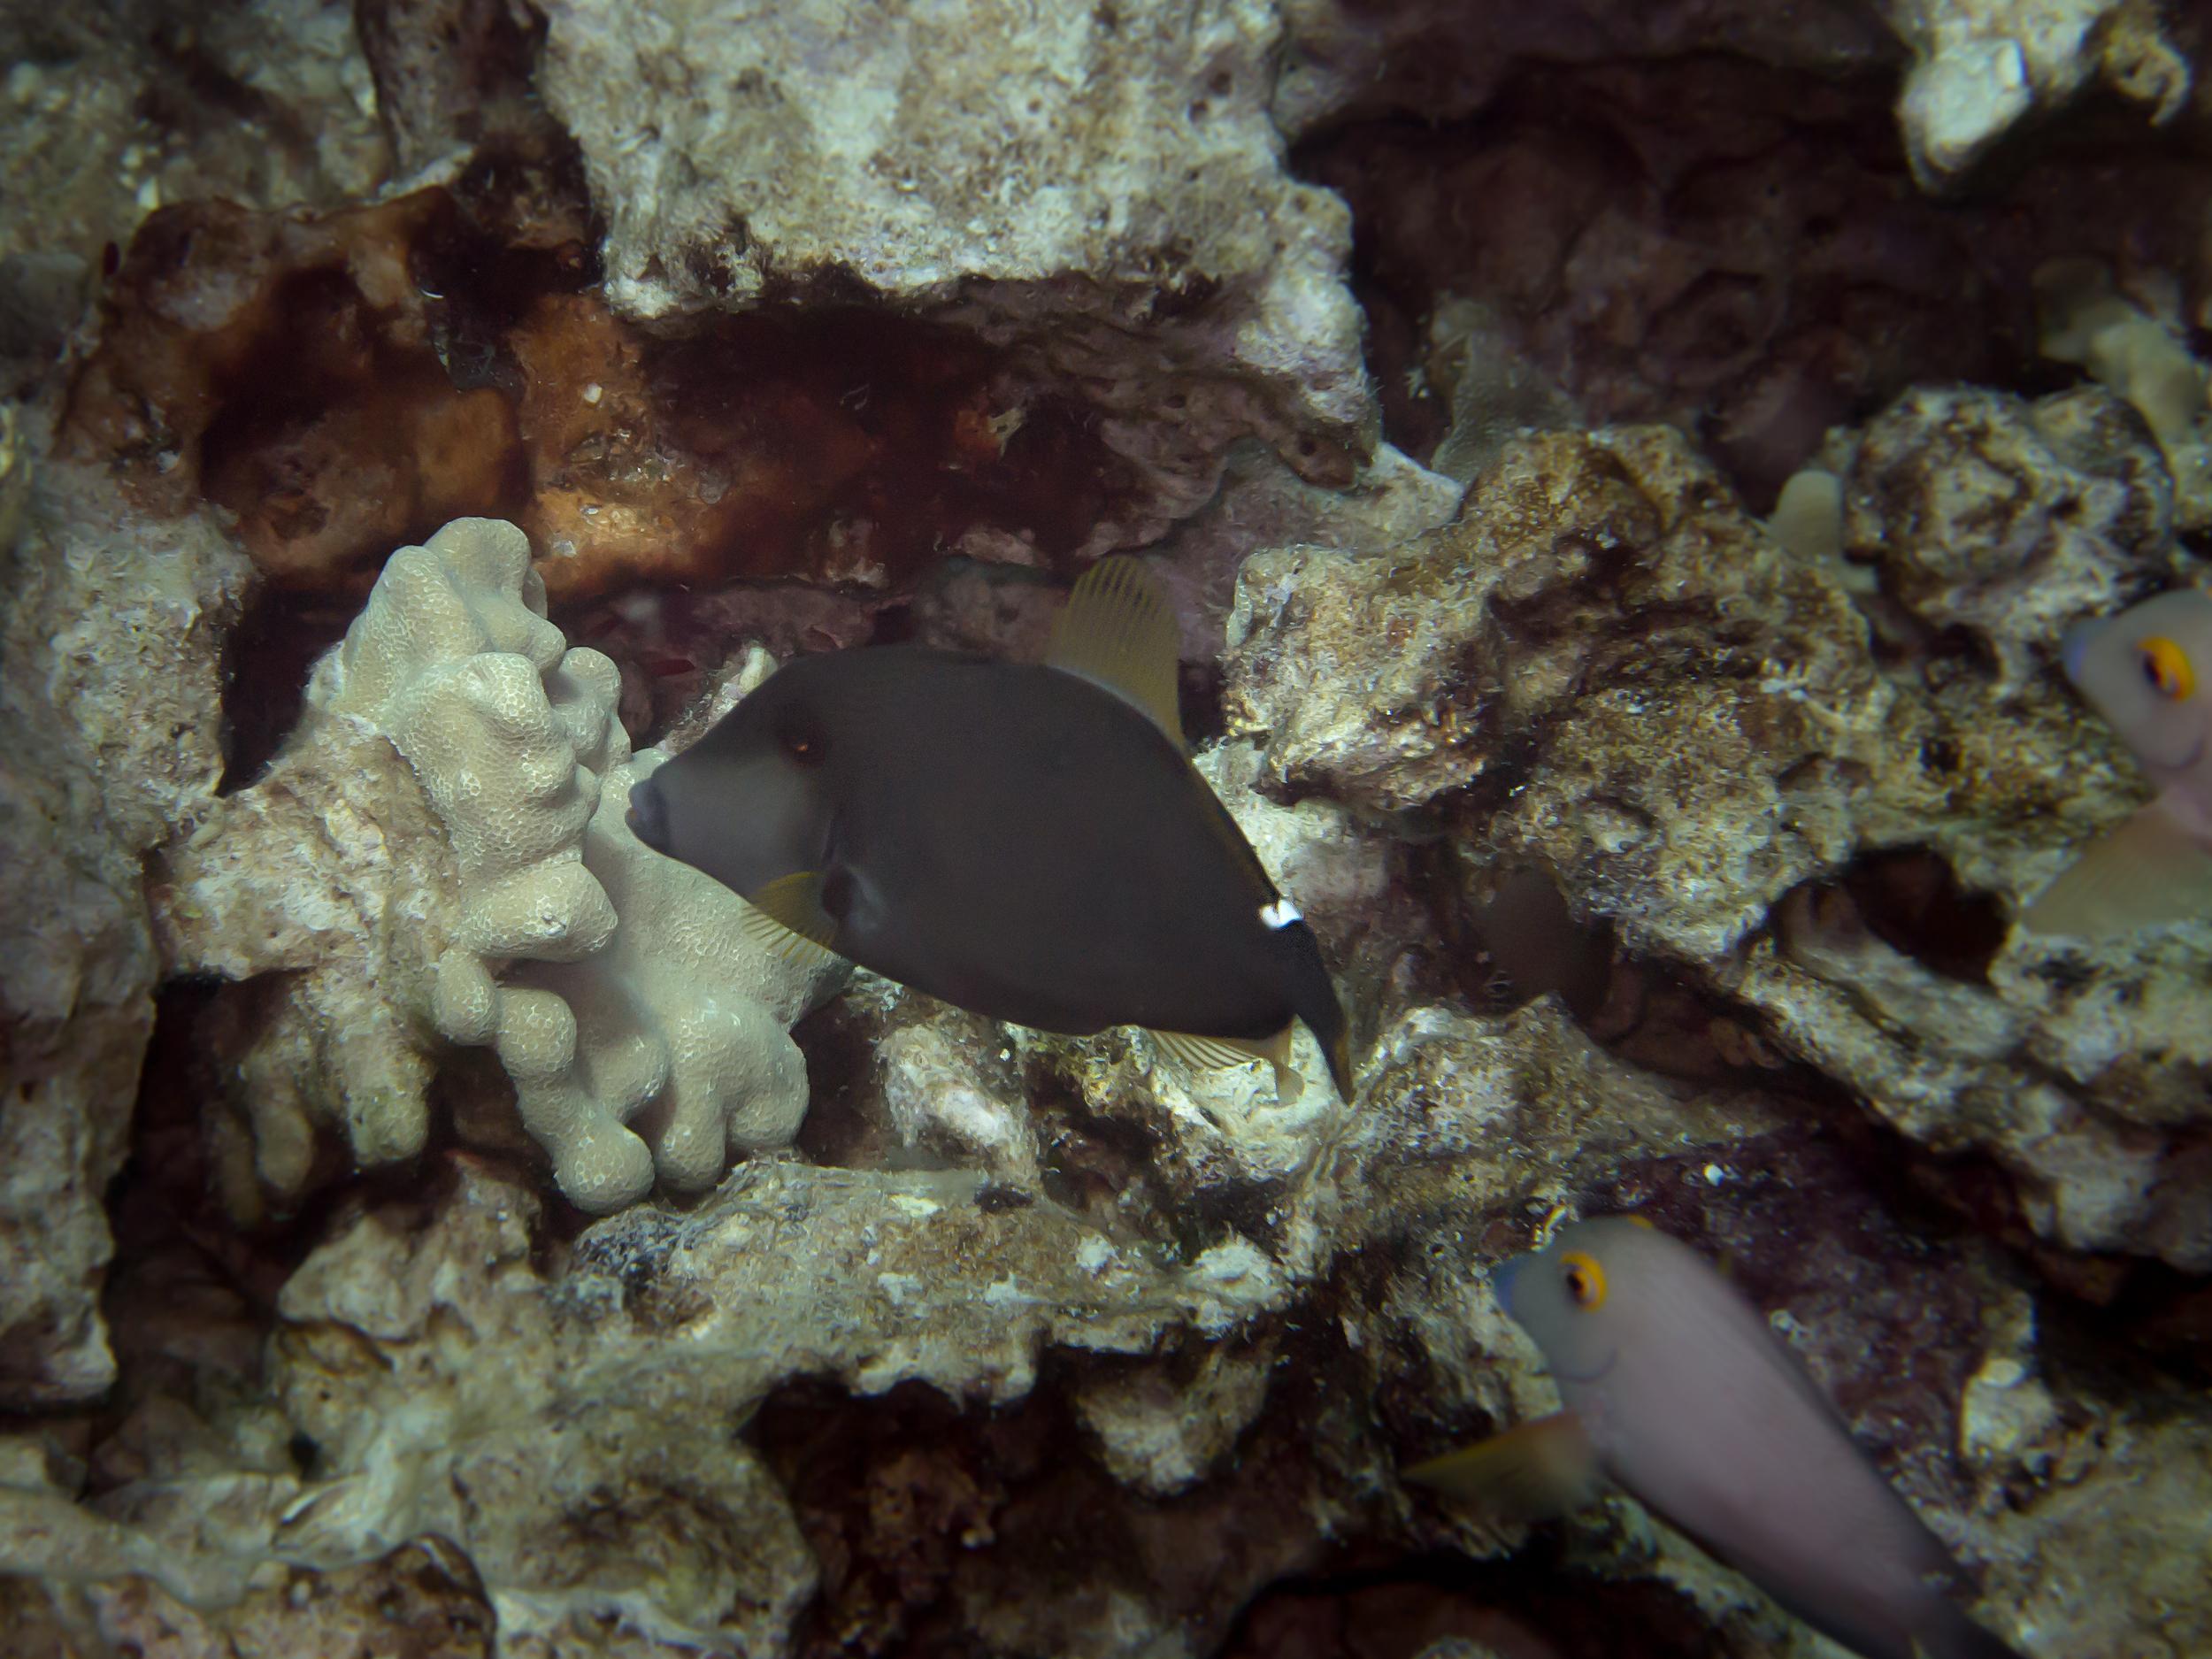 Squaretail Filefish_20140622.jpg